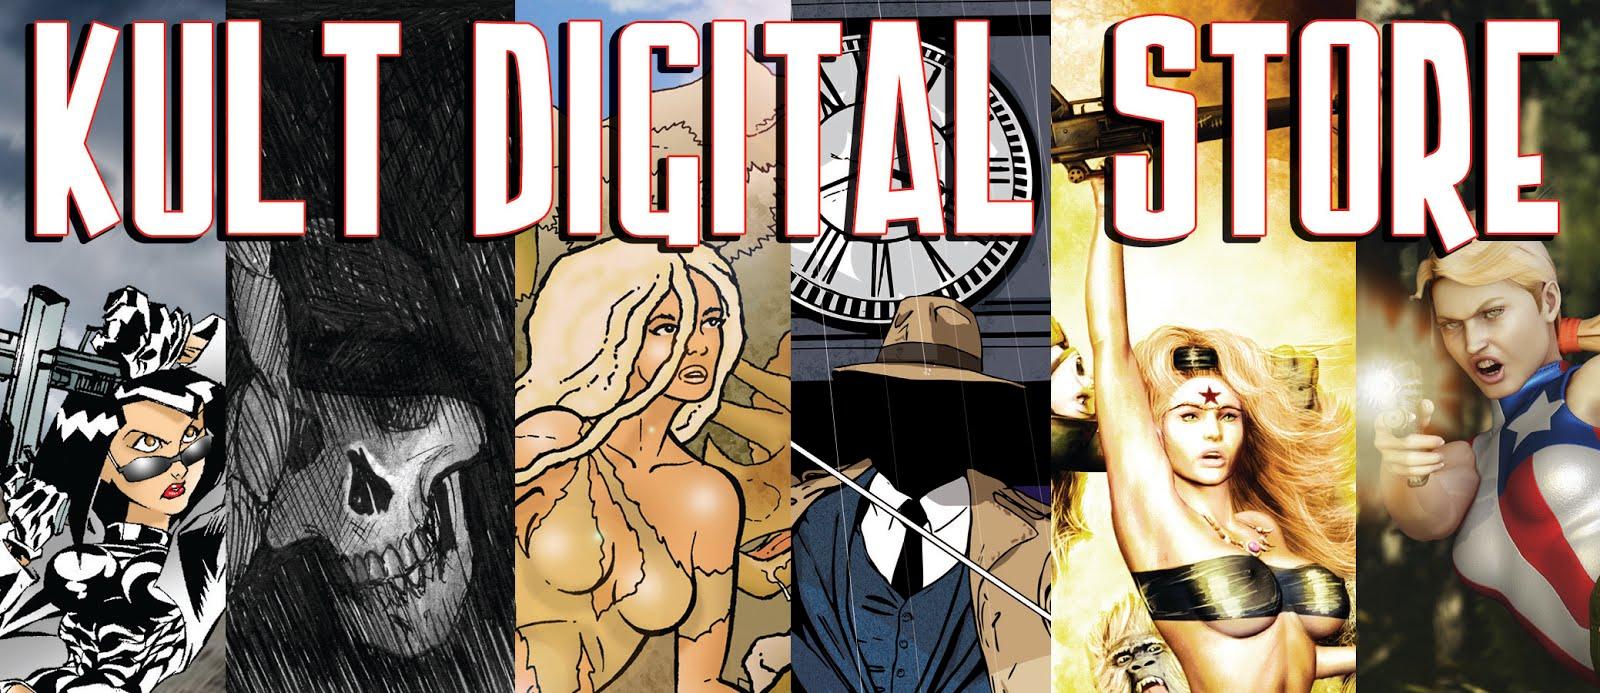 Link to Kult Digital Store